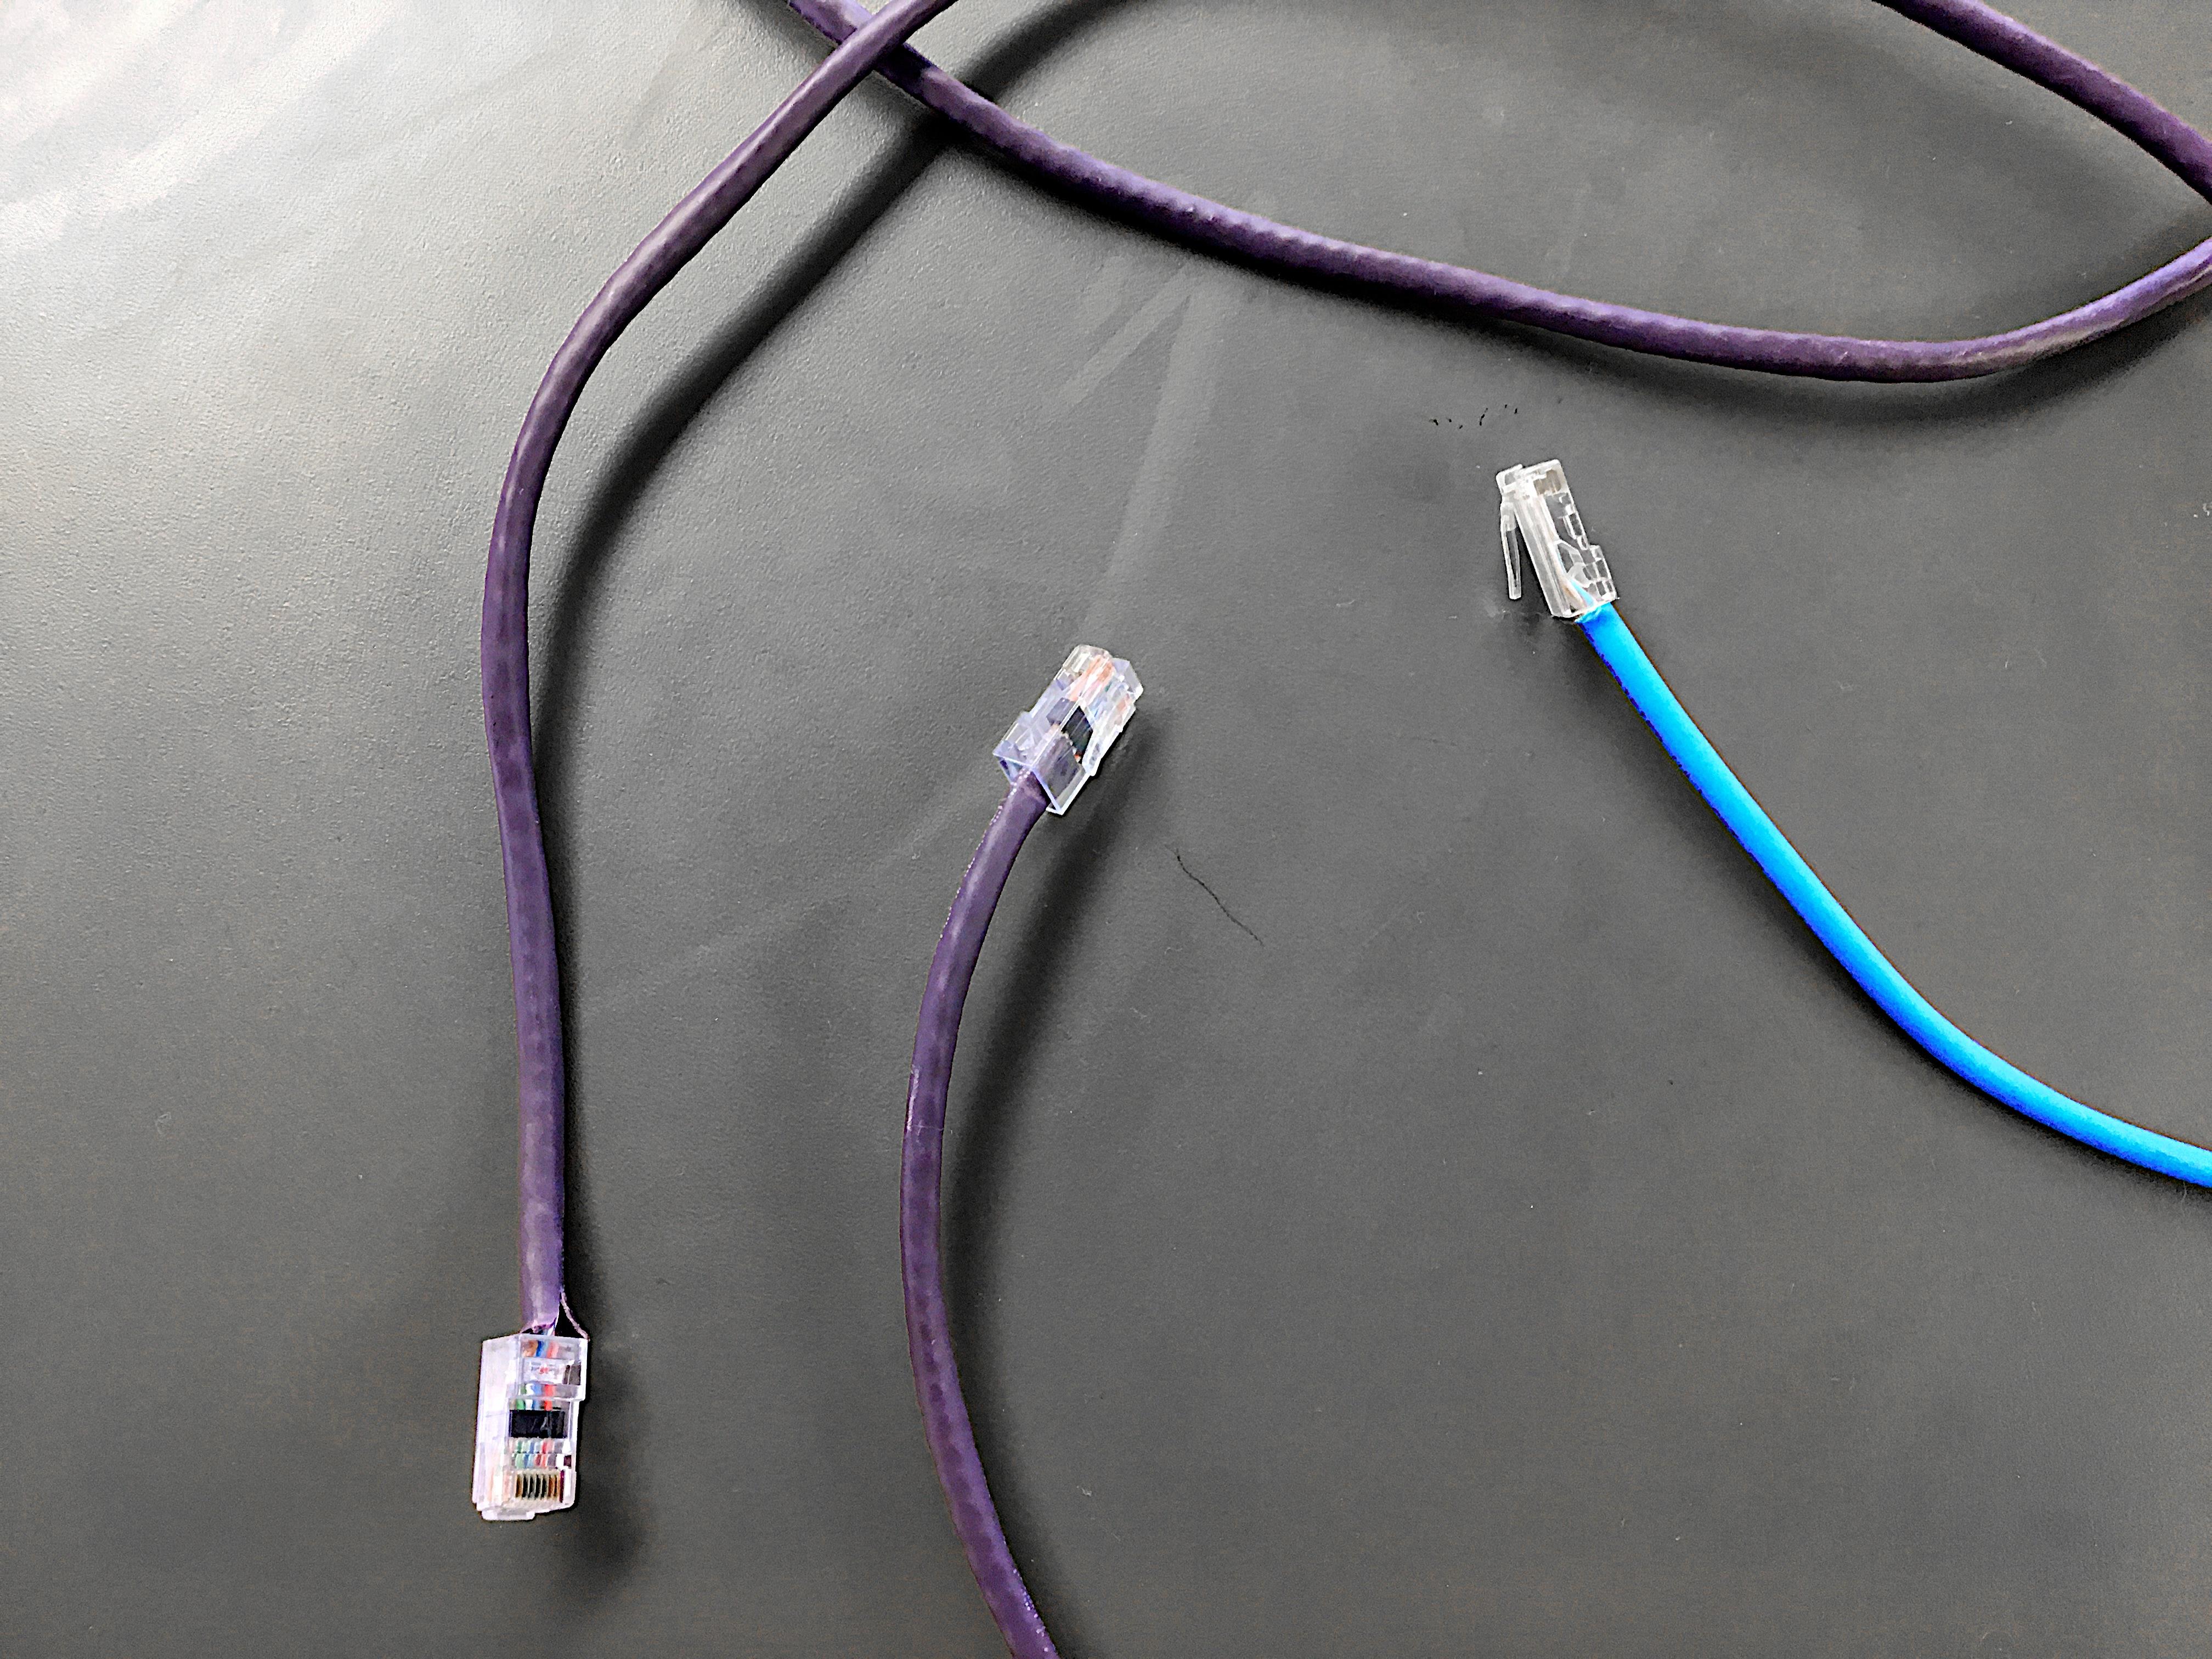 Kostenlose foto : Technologie, Kabel, Draht, Zügel, Brille ...